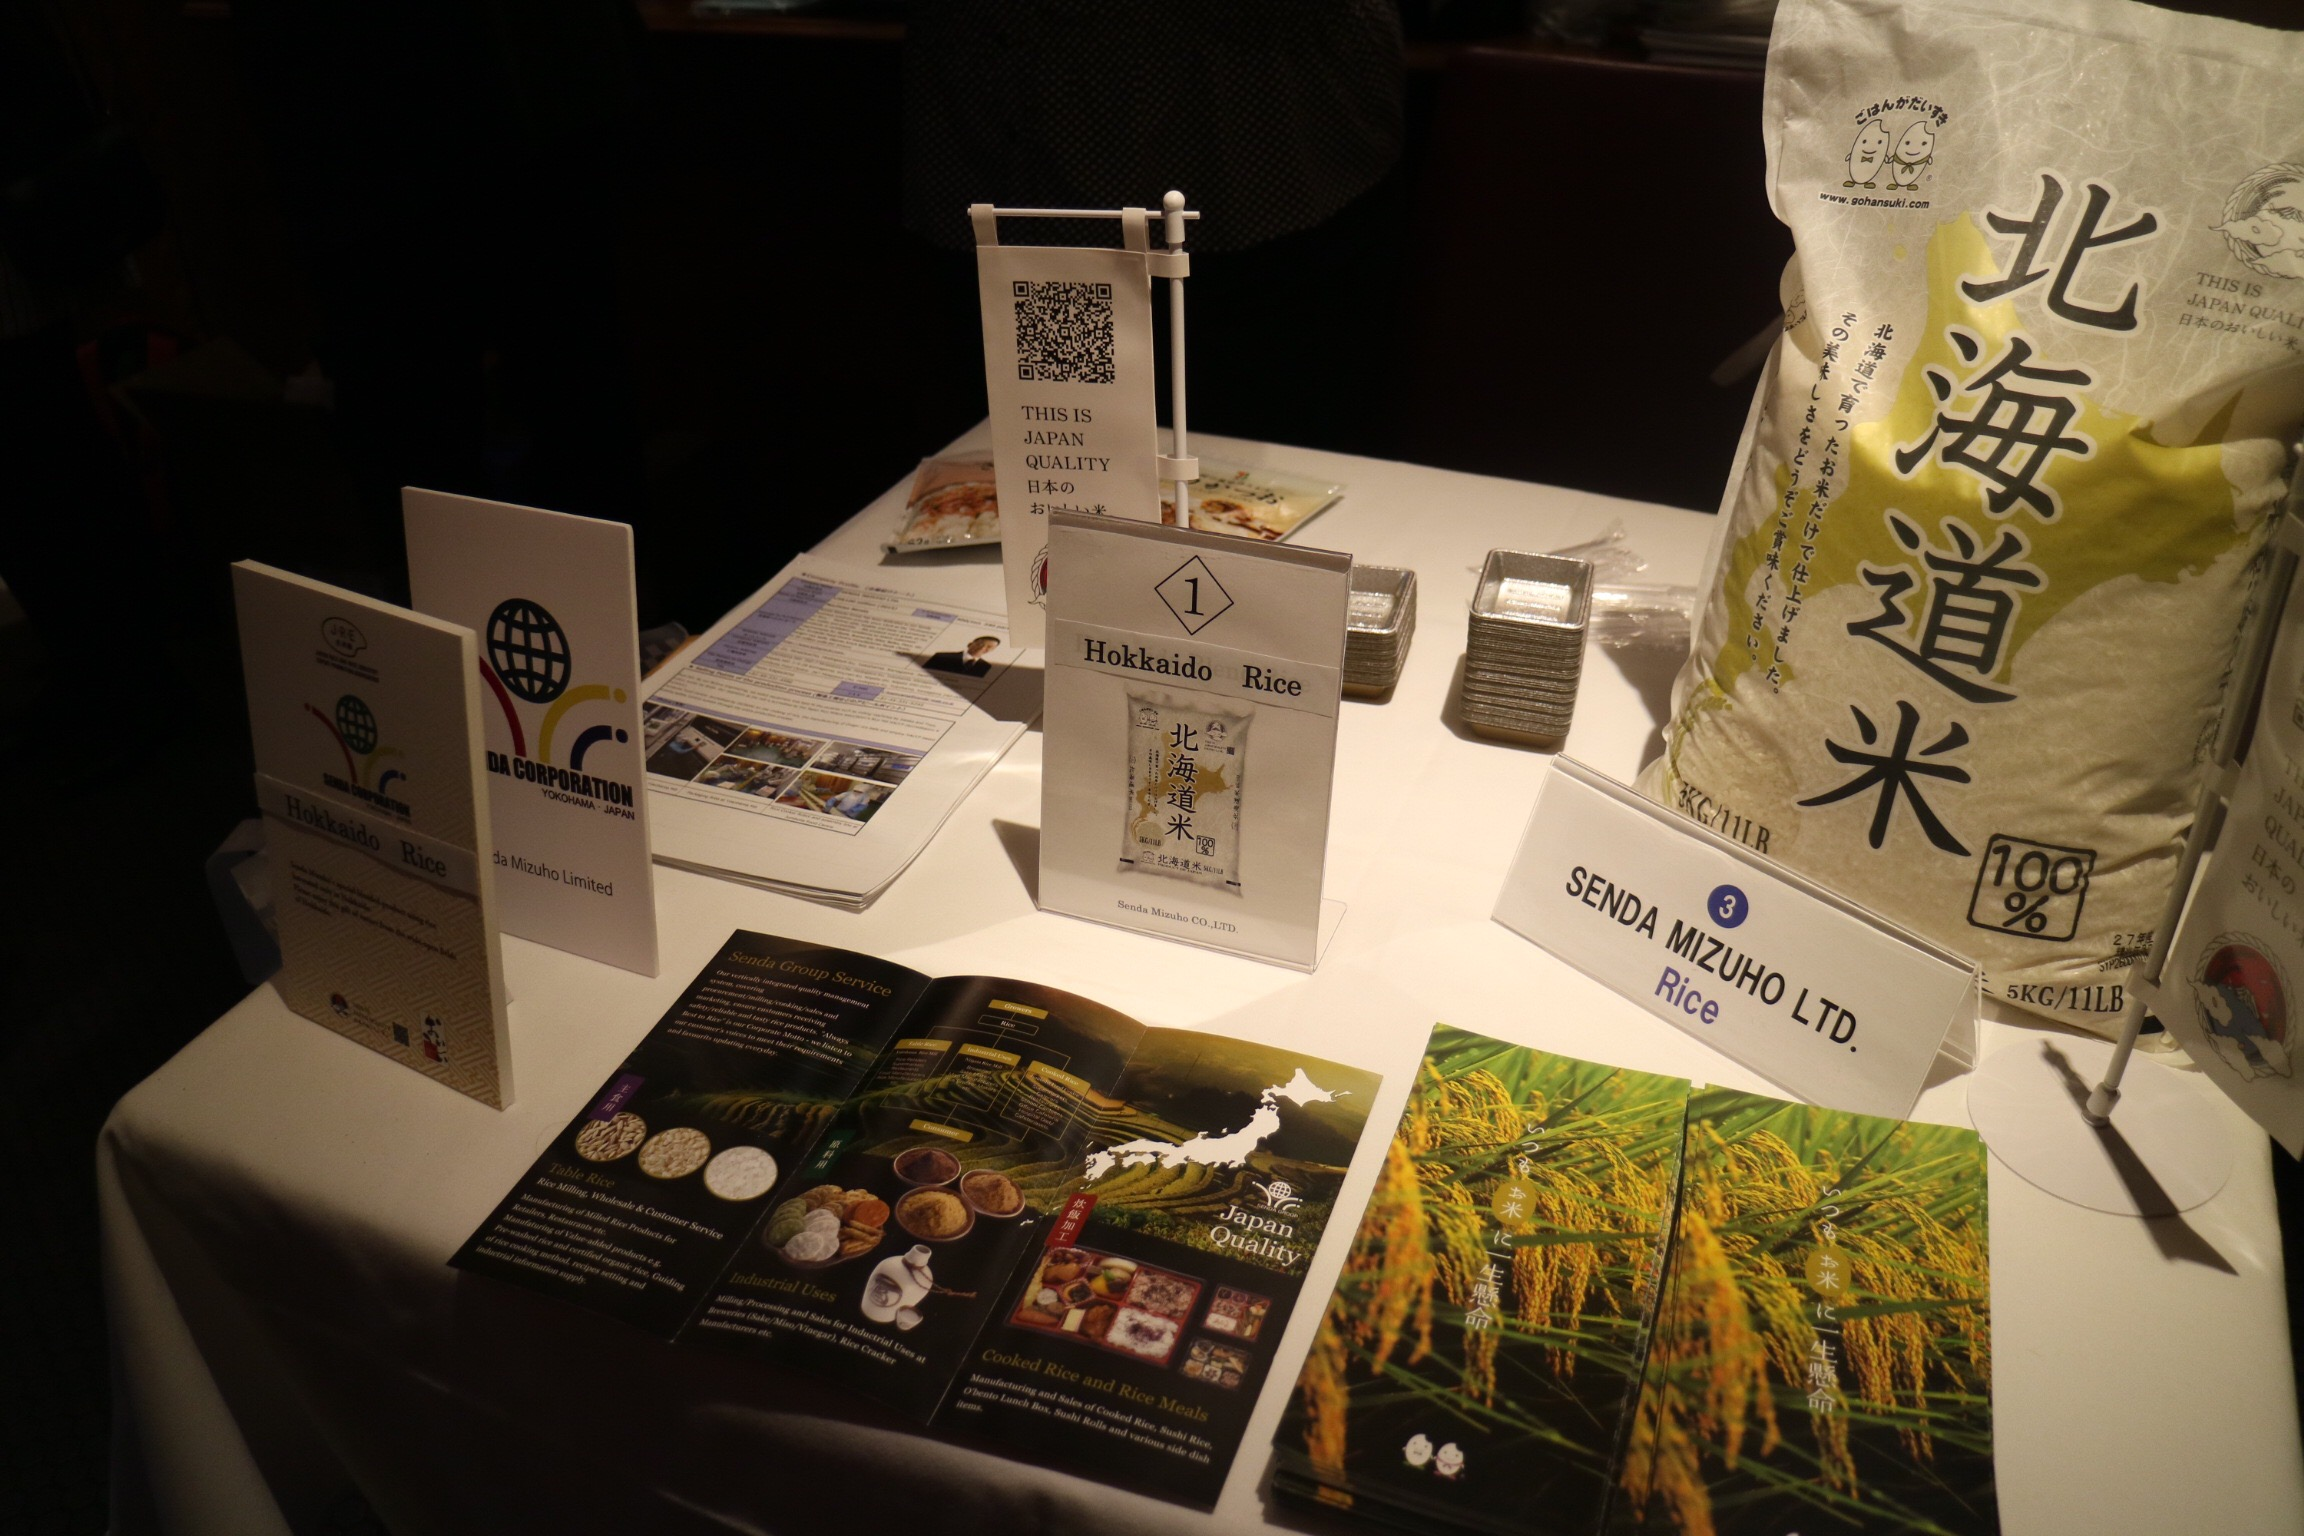 Rice from Hokkaido by Senda Mizuho